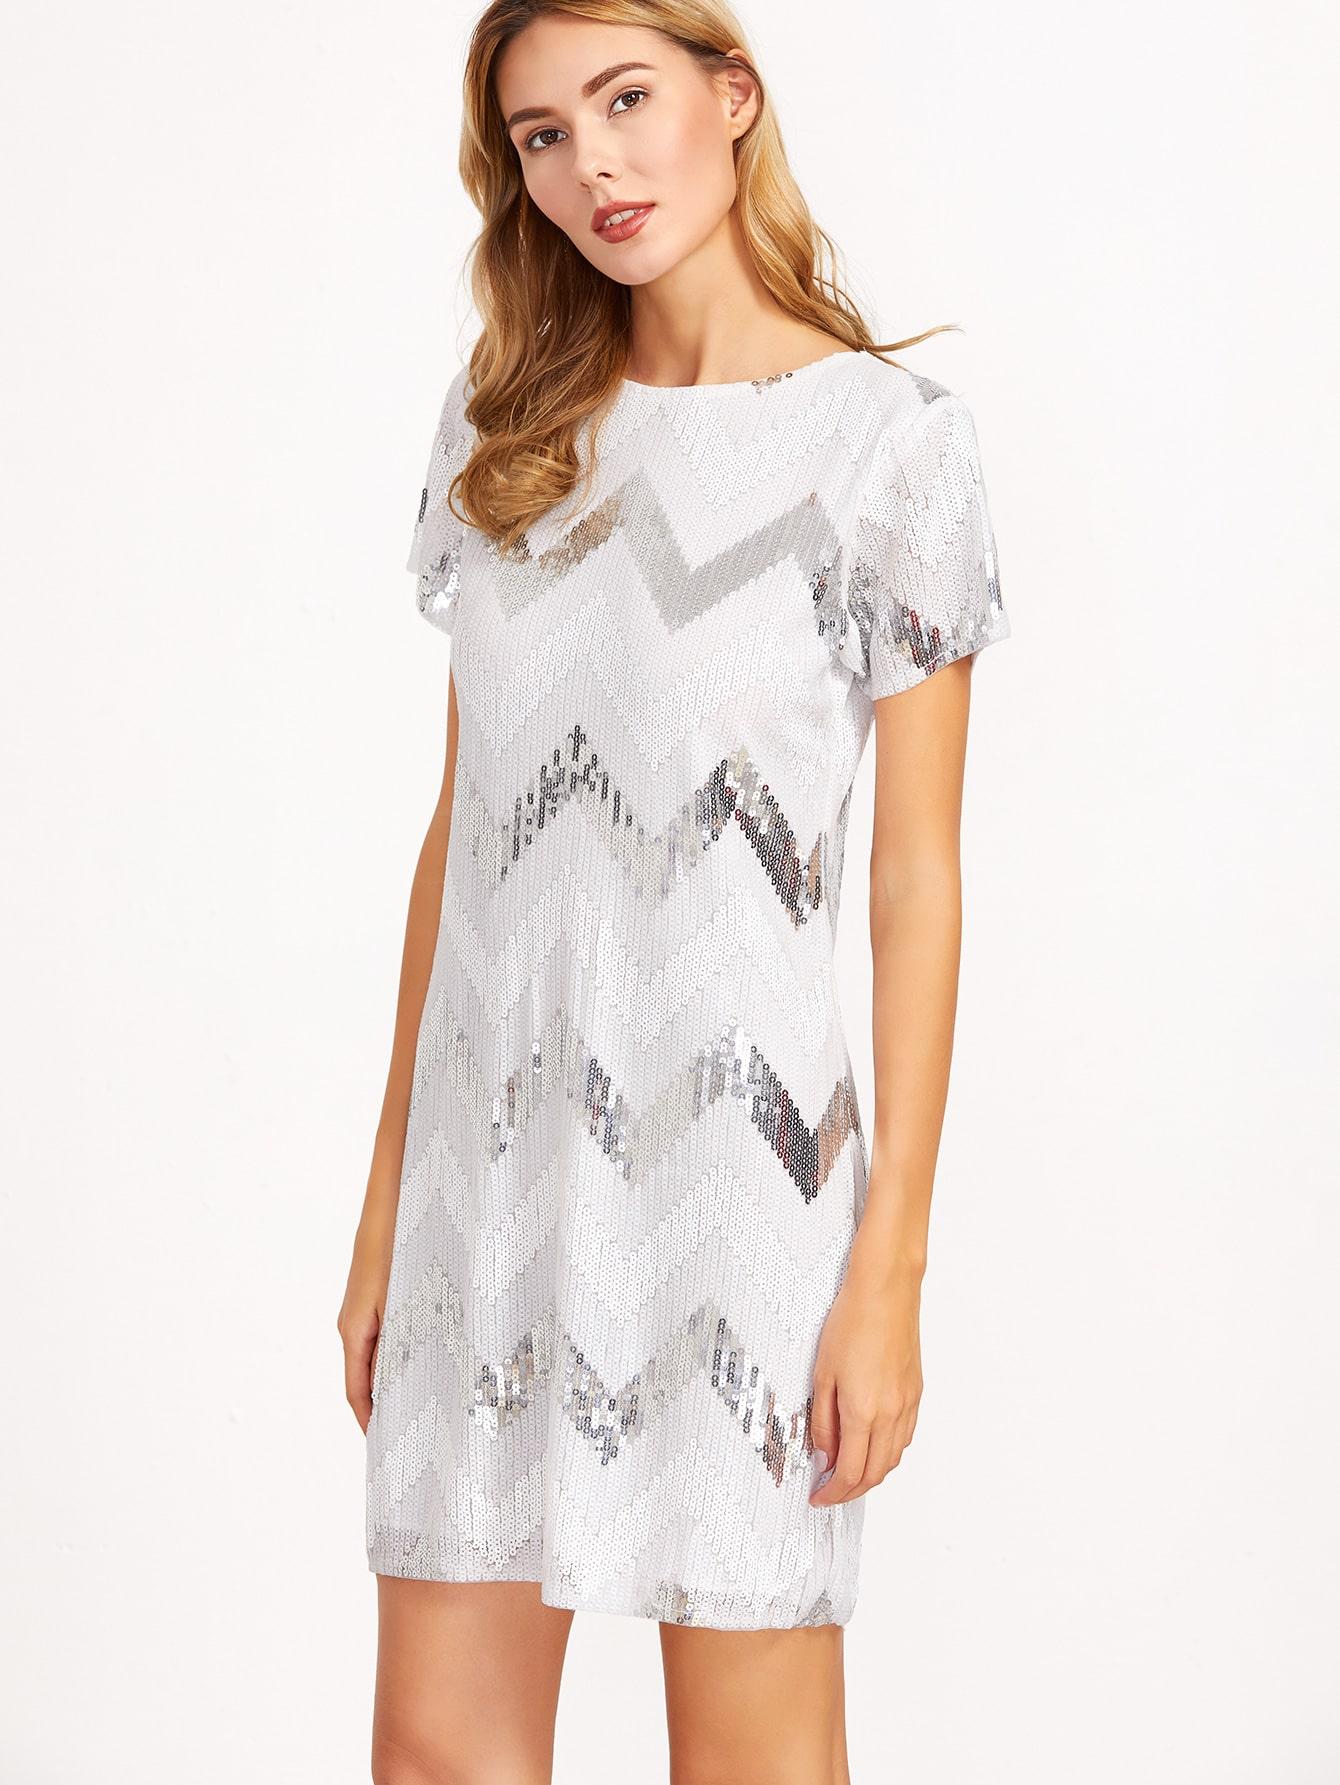 dress161123302_2